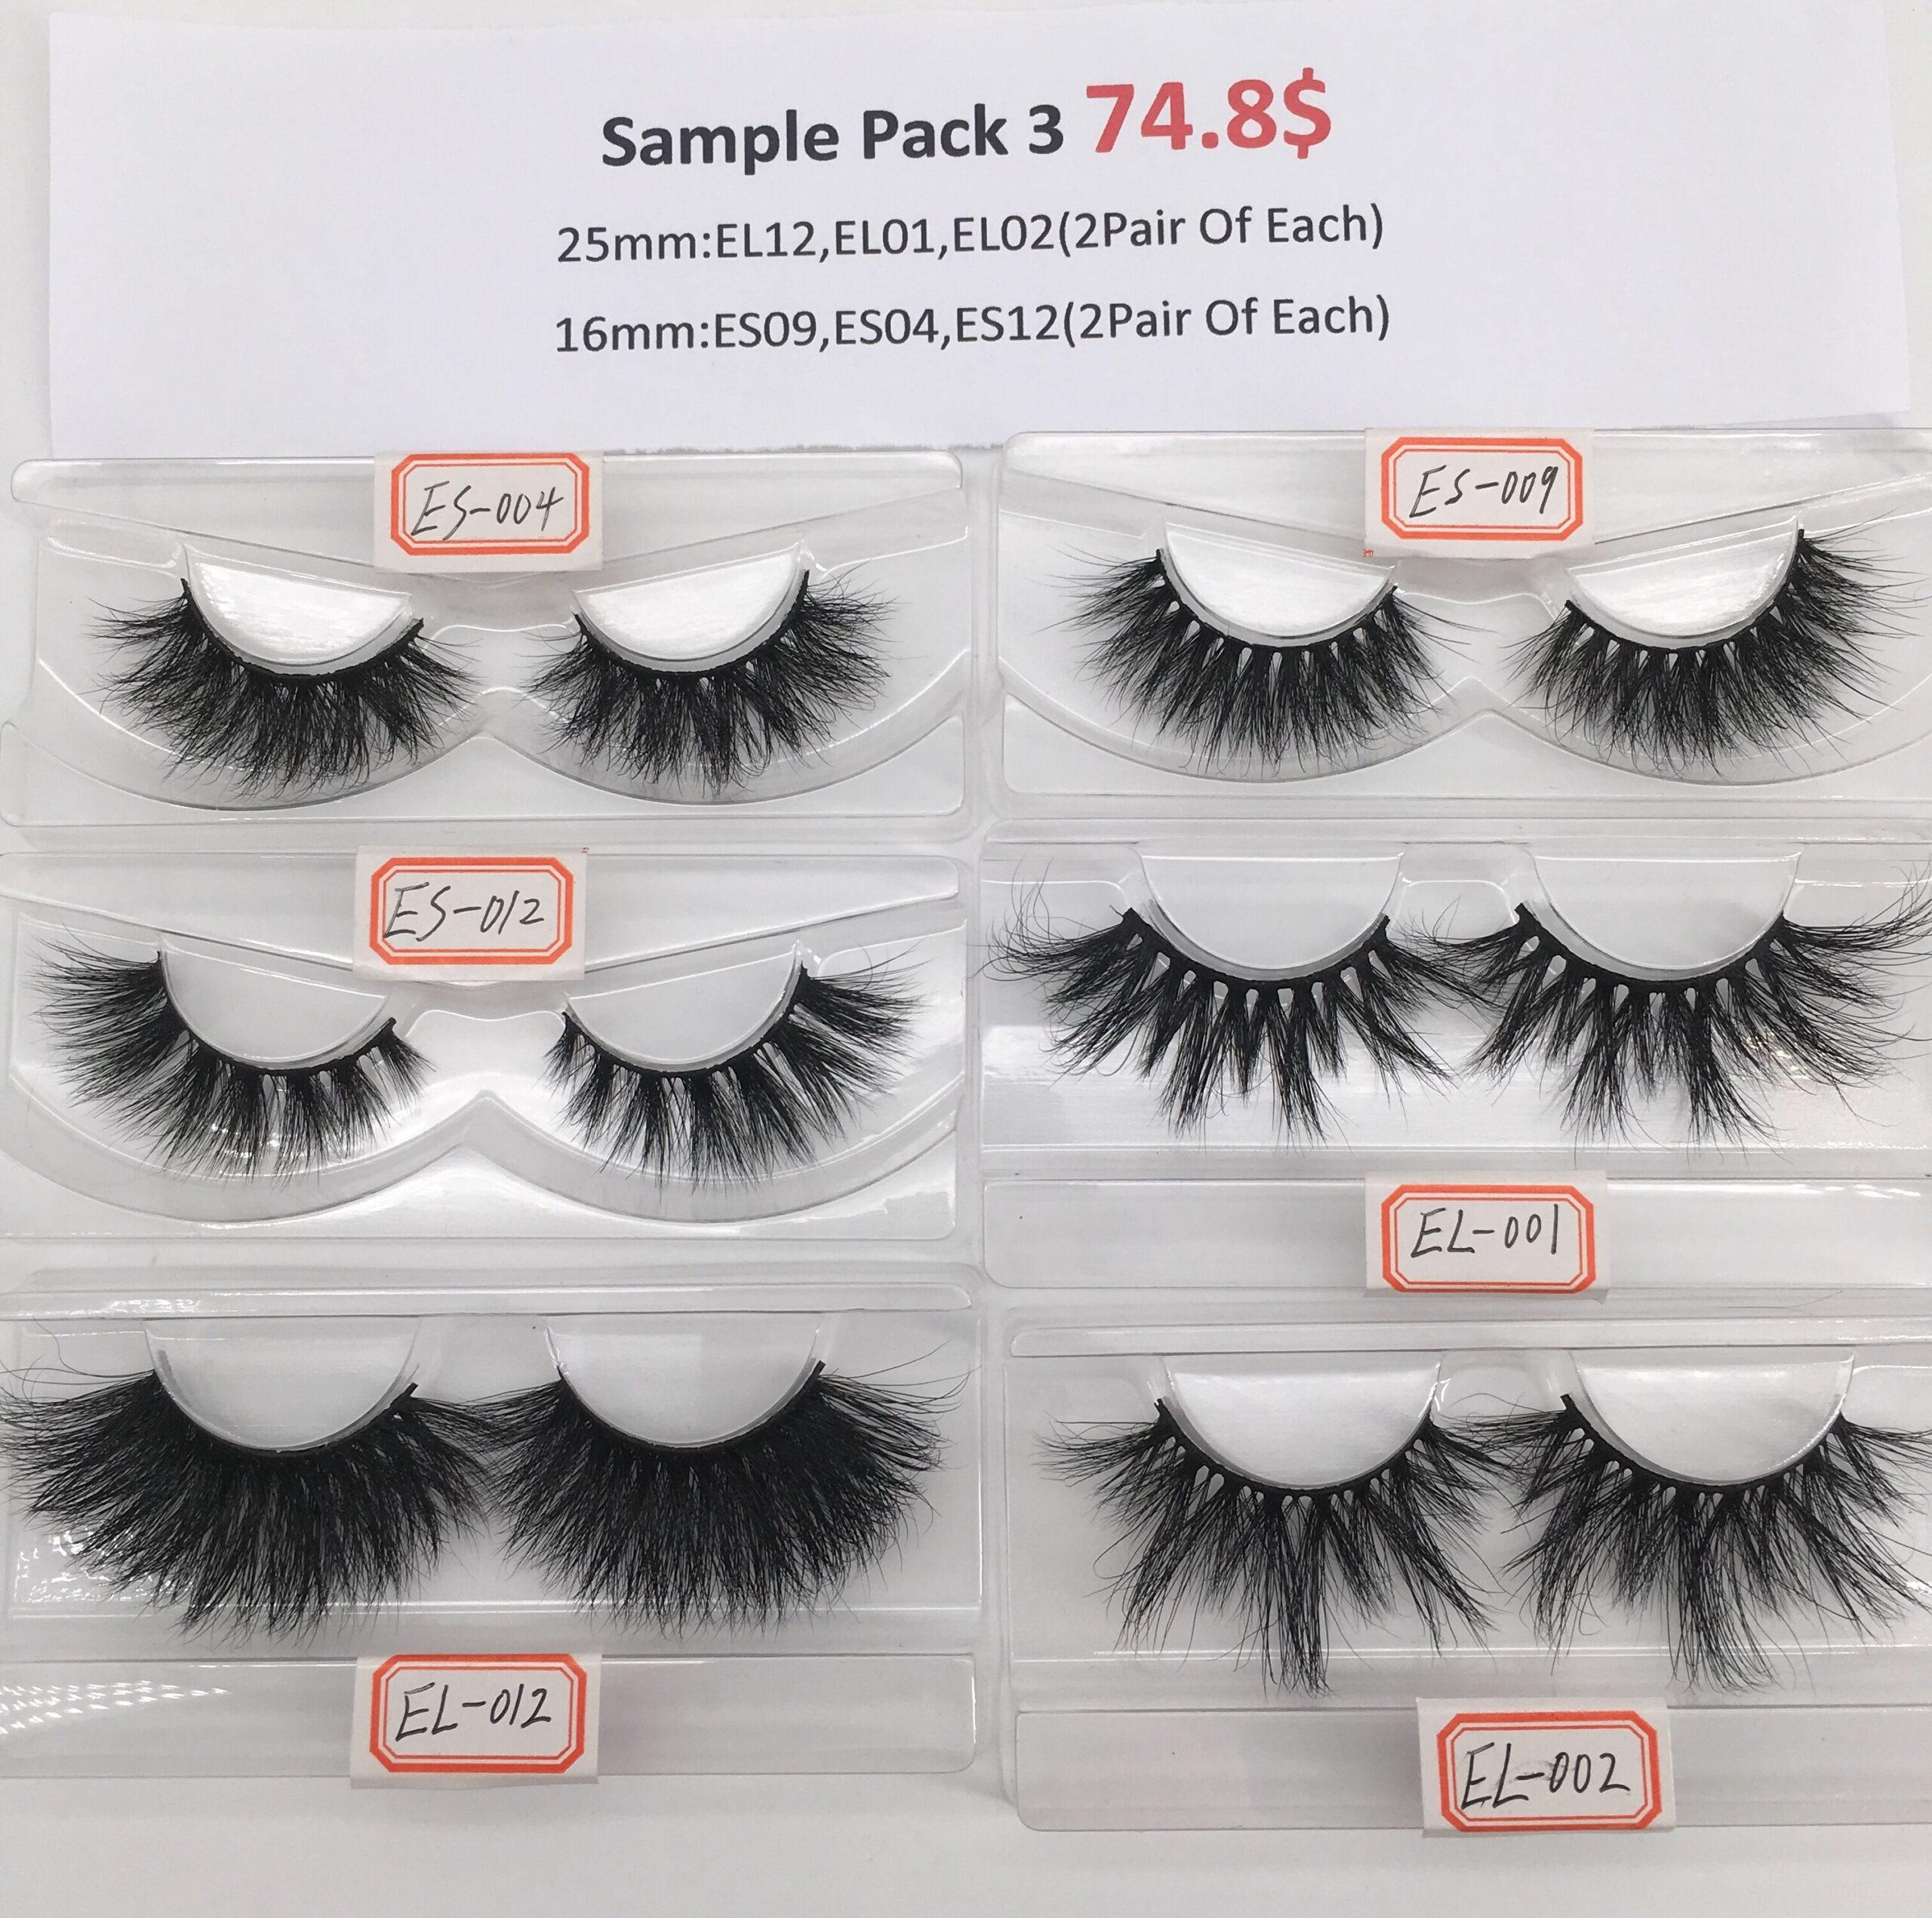 eyelash sample pack 3